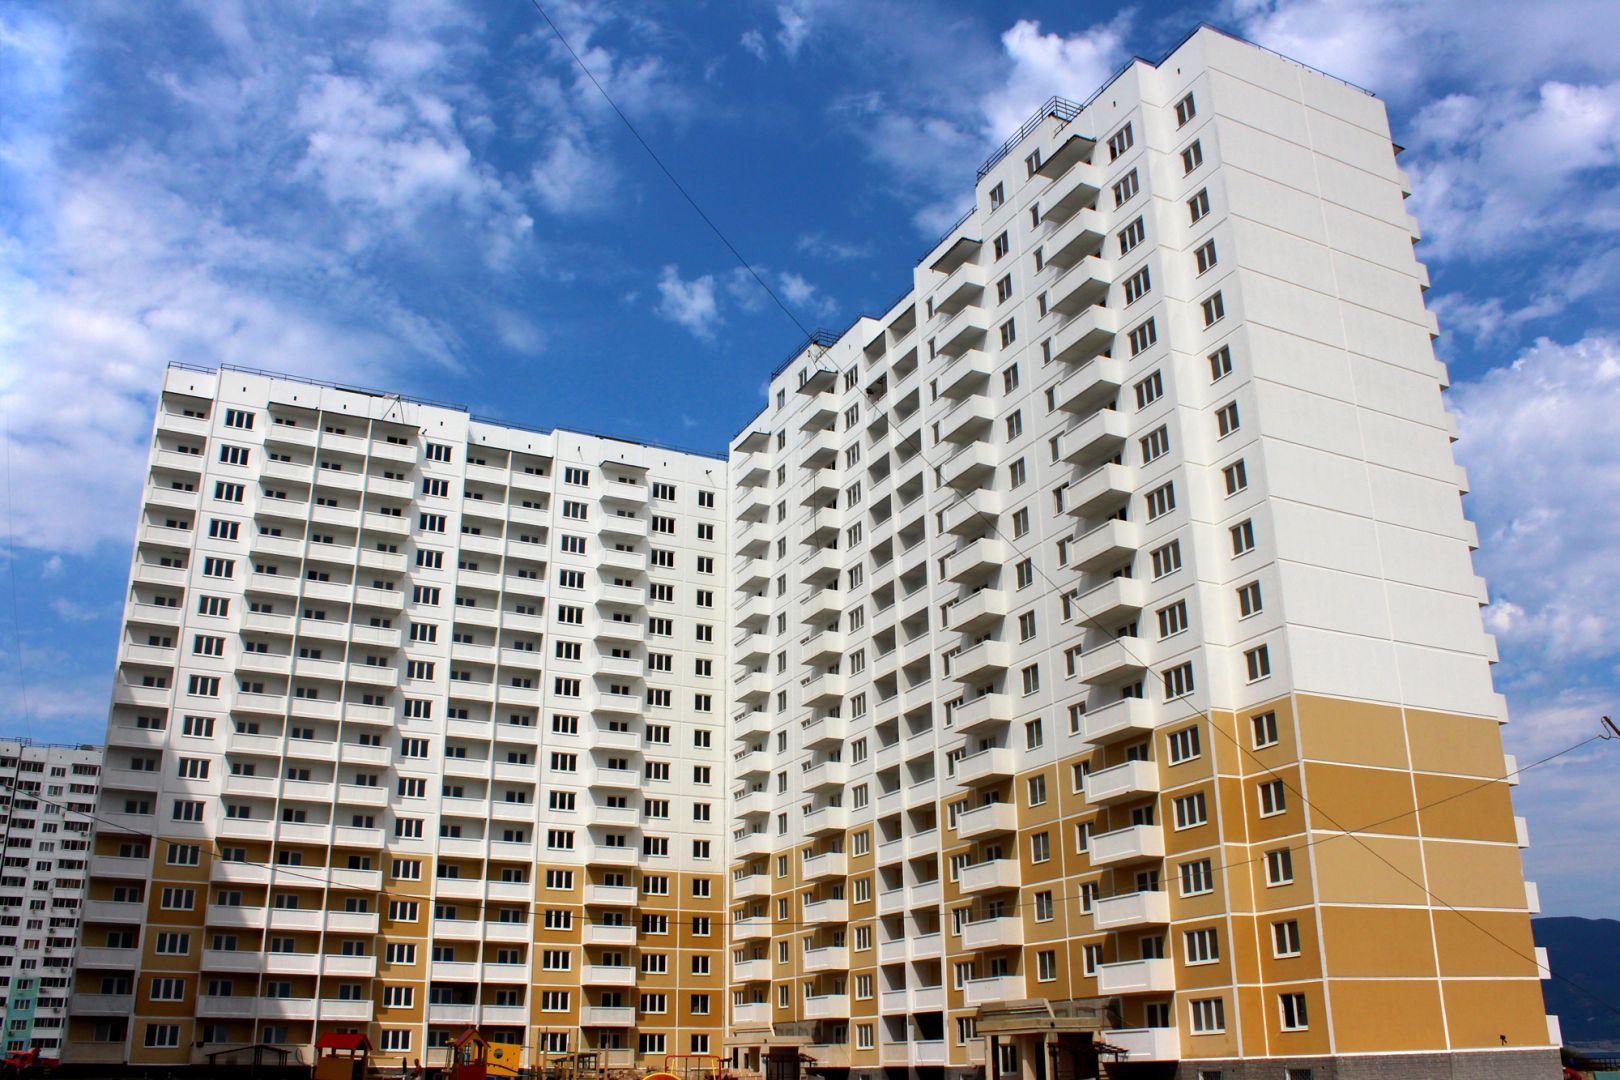 Коммерческая недвижимость в краснодаре обд деловой центр ресо бизнес аренда офисов и аренда офисной недвижимости